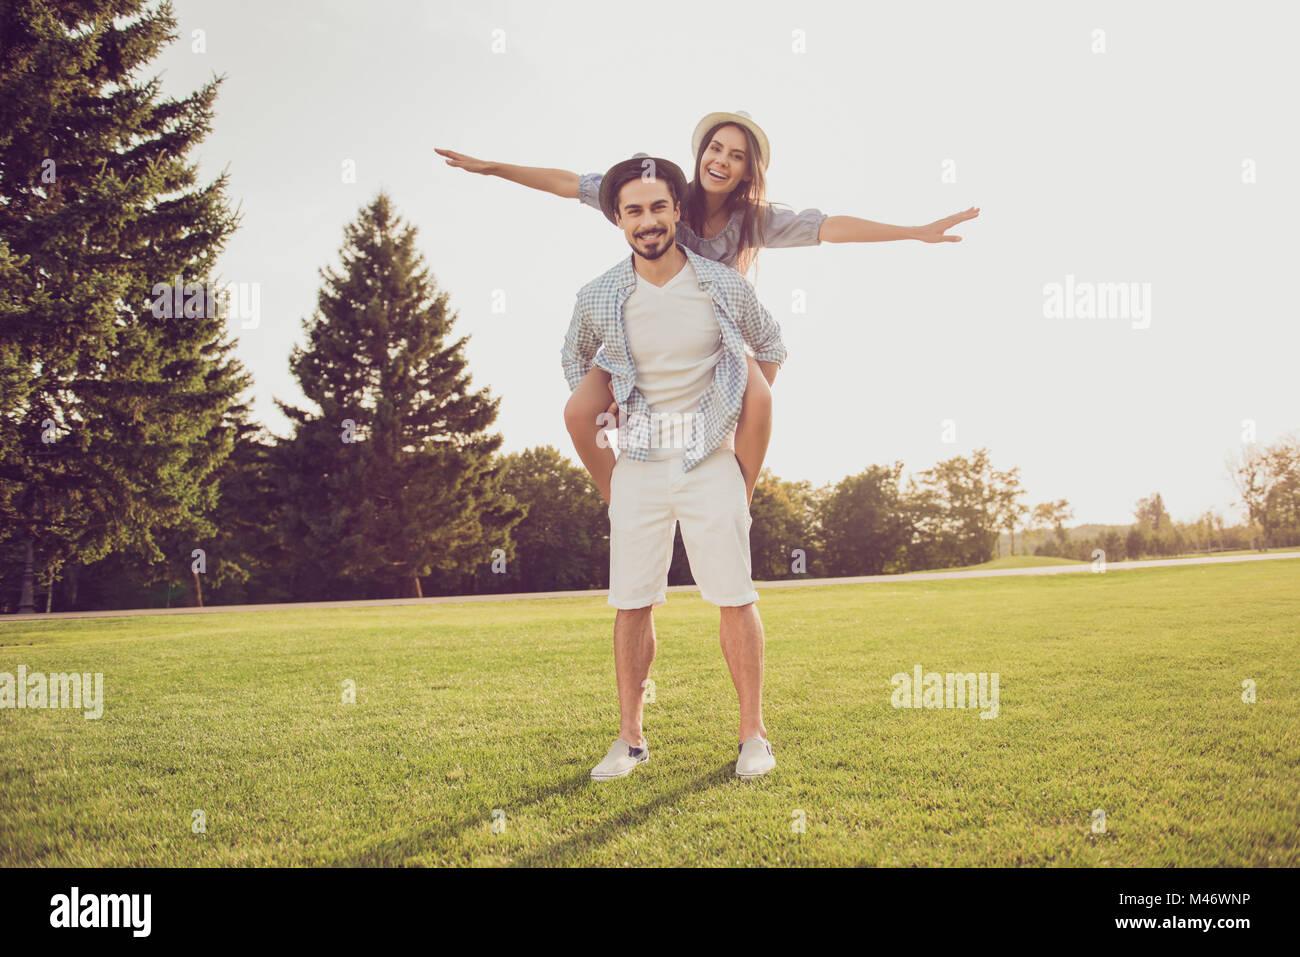 Cute sweet partner usurpation de sa dame, elle chevauche lui. En dehors de la date, bien habillés, excité, Photo Stock